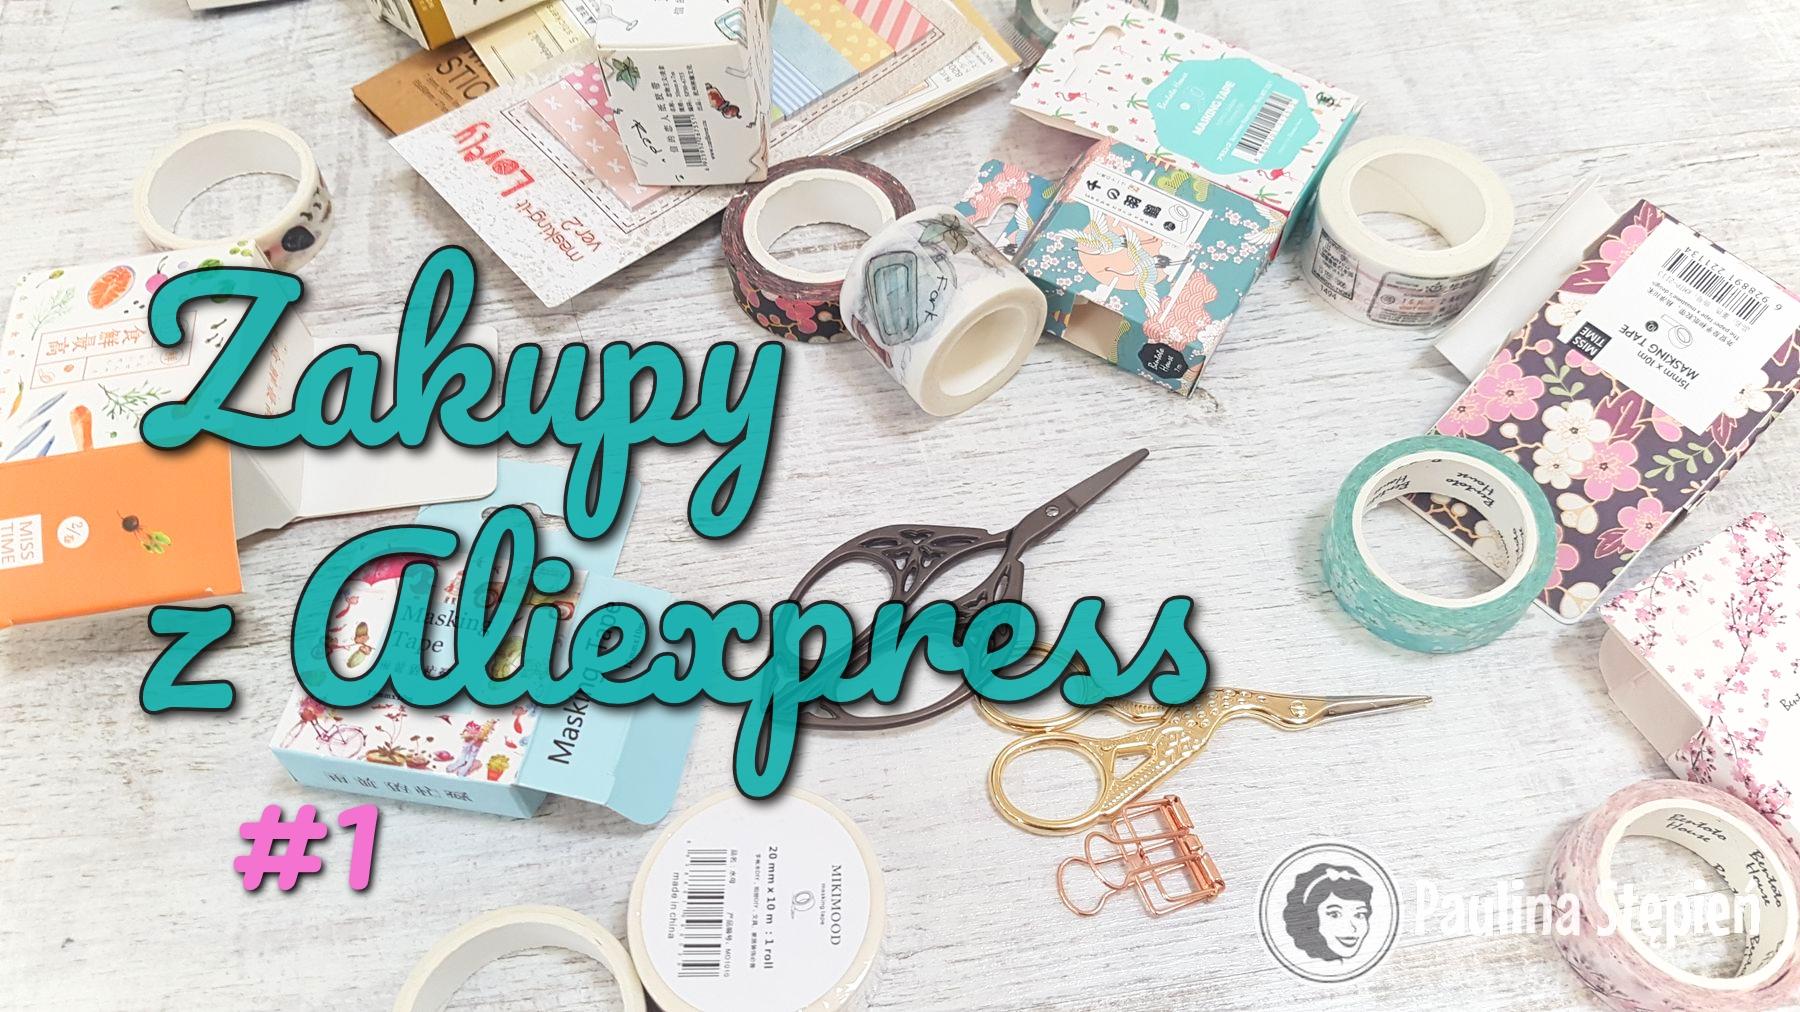 Zakupy z Aliexpress